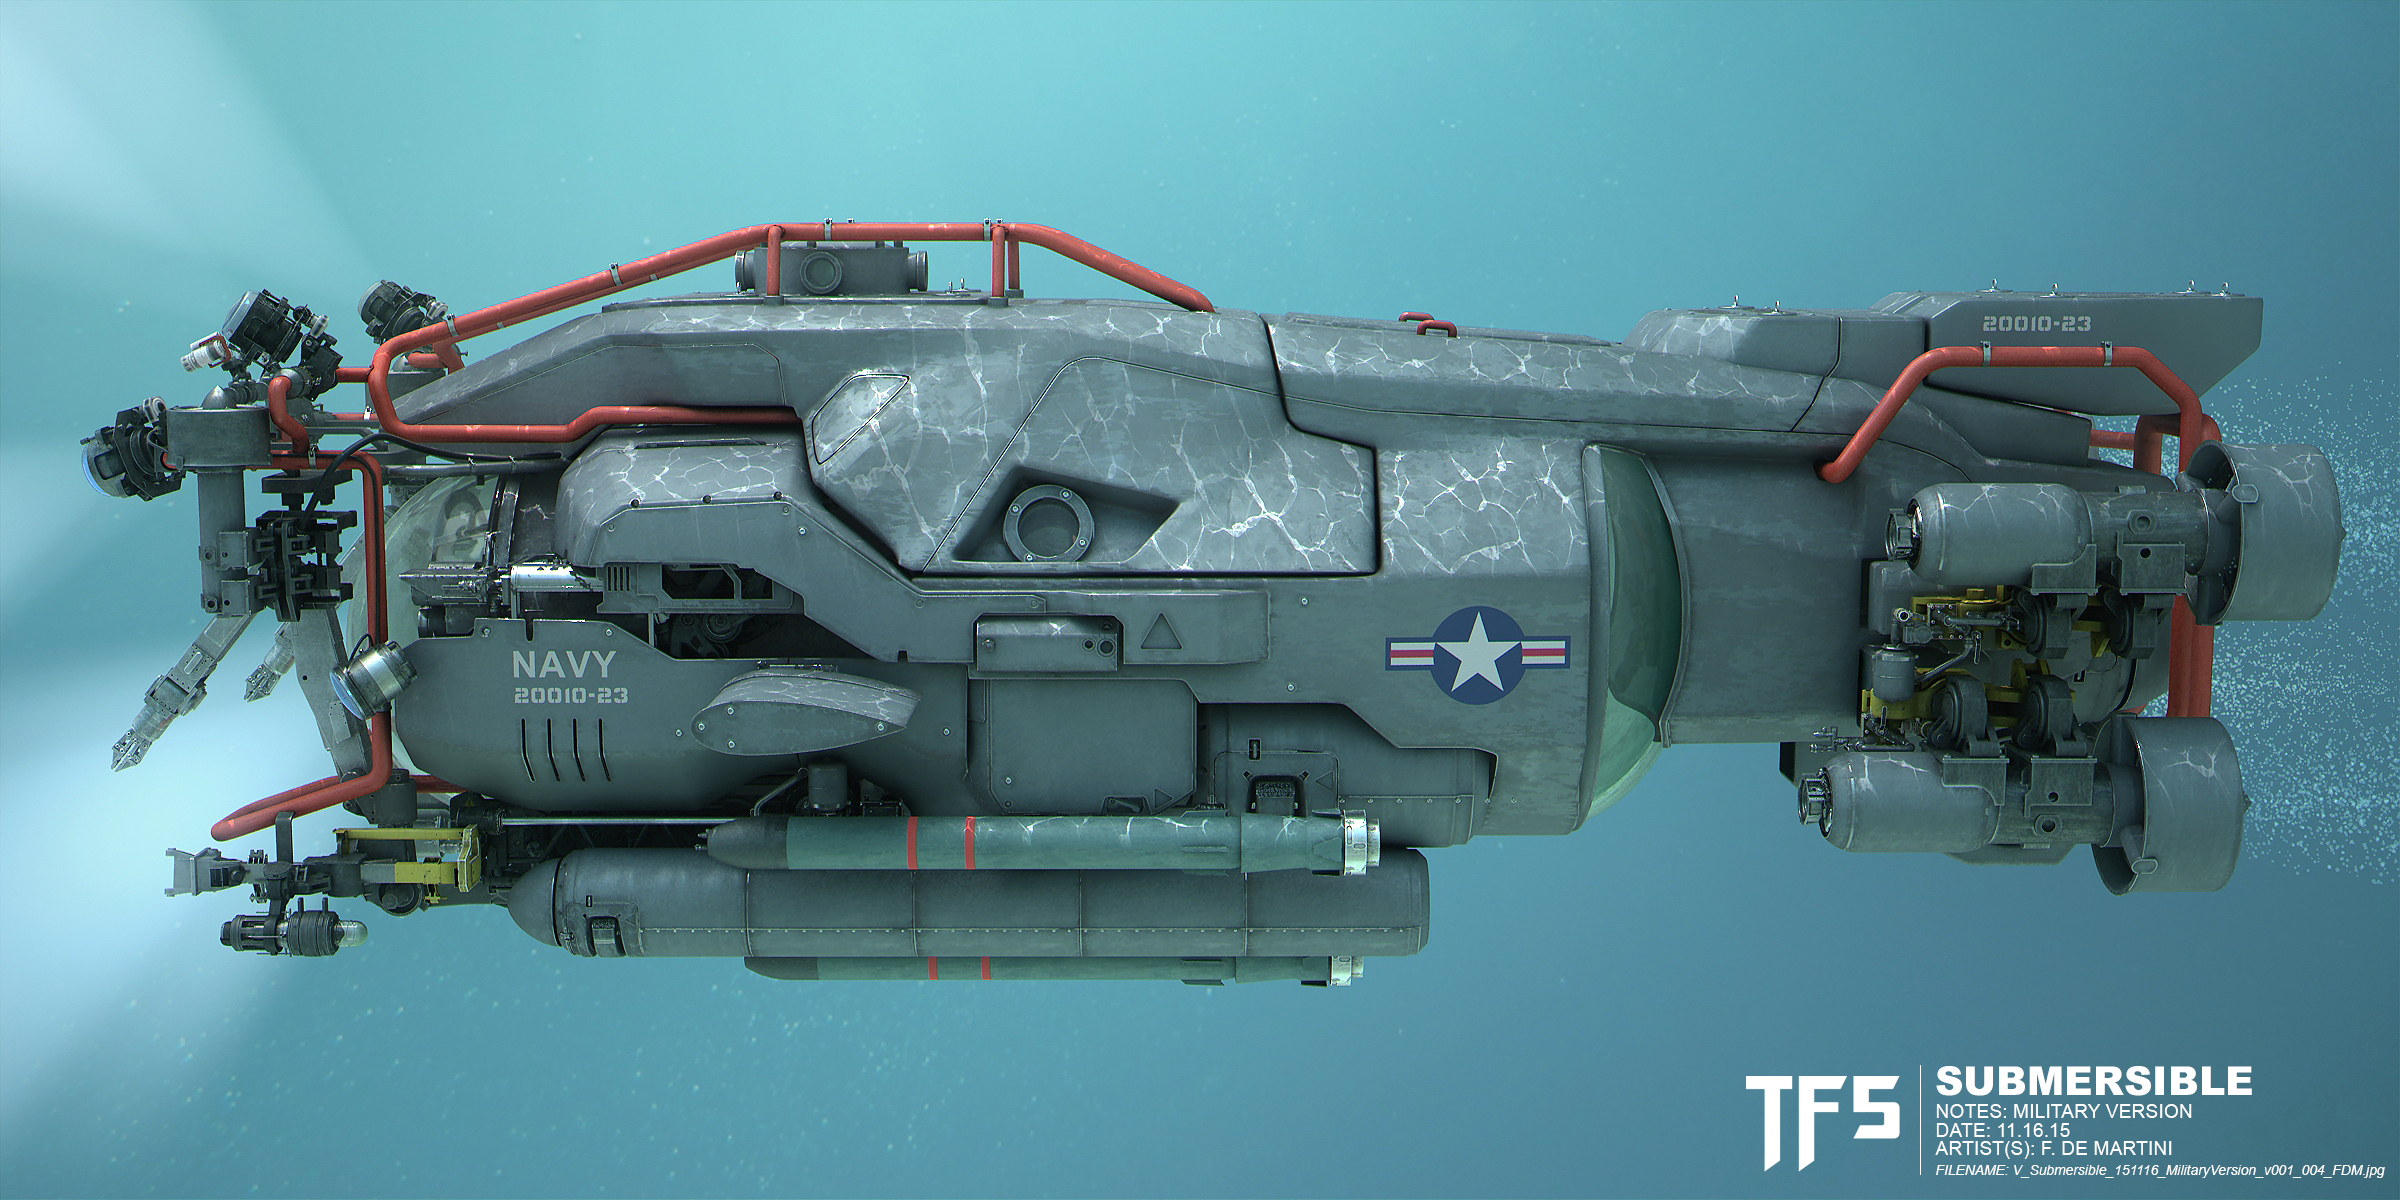 V_Submersible_151116_MilitaryVersion_v001_004_FDM.jpg